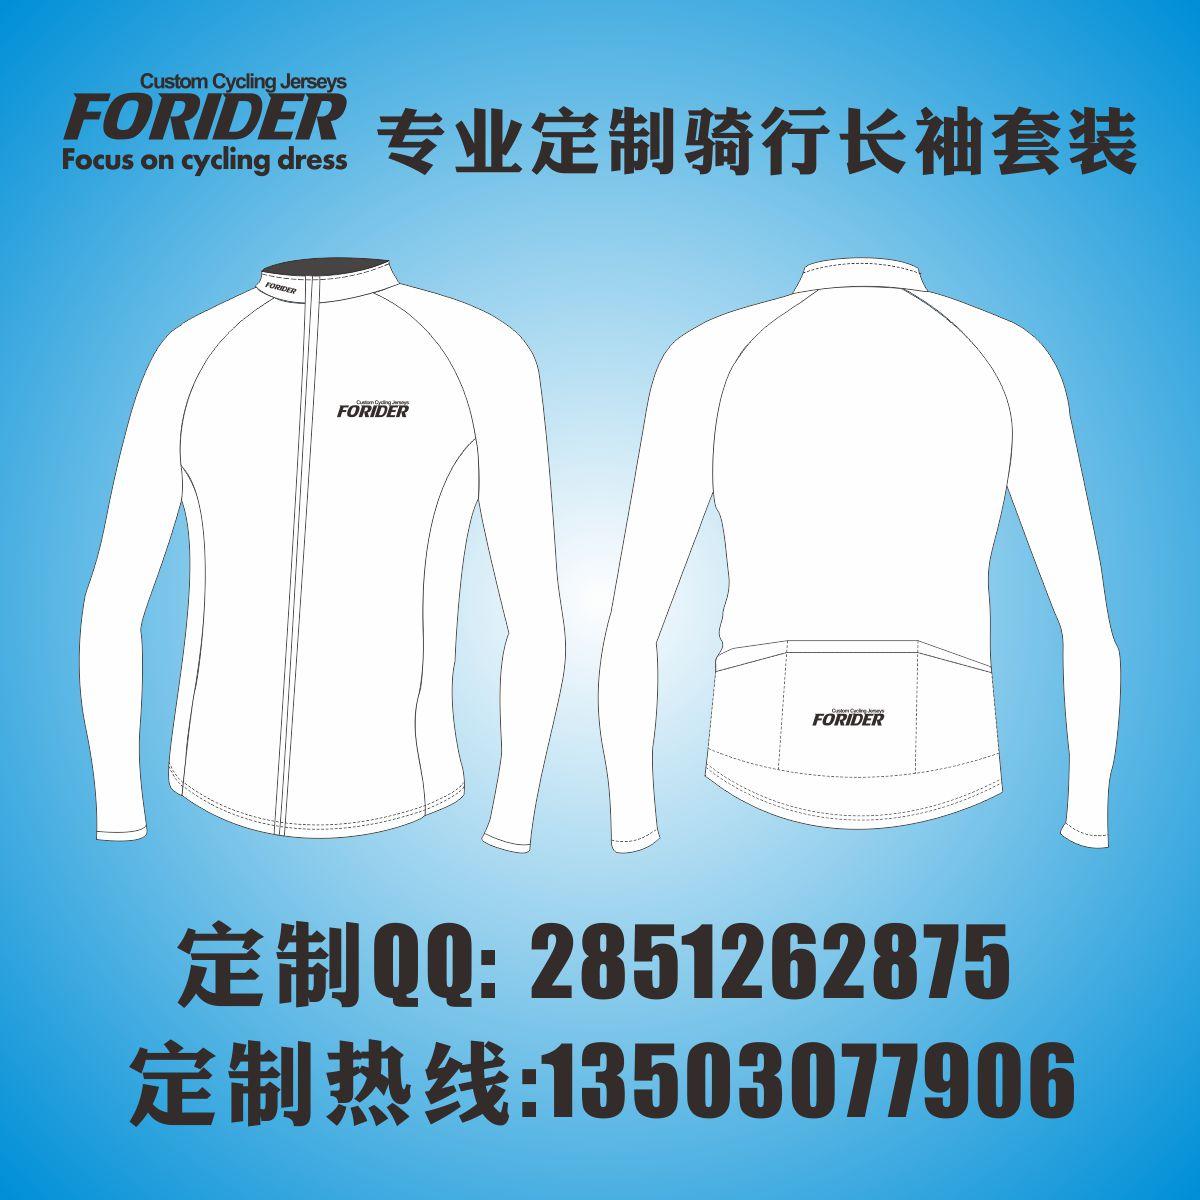 Одежда для велоспорта Forider 18166r earthquake vulnerability assessment for vernacular houses